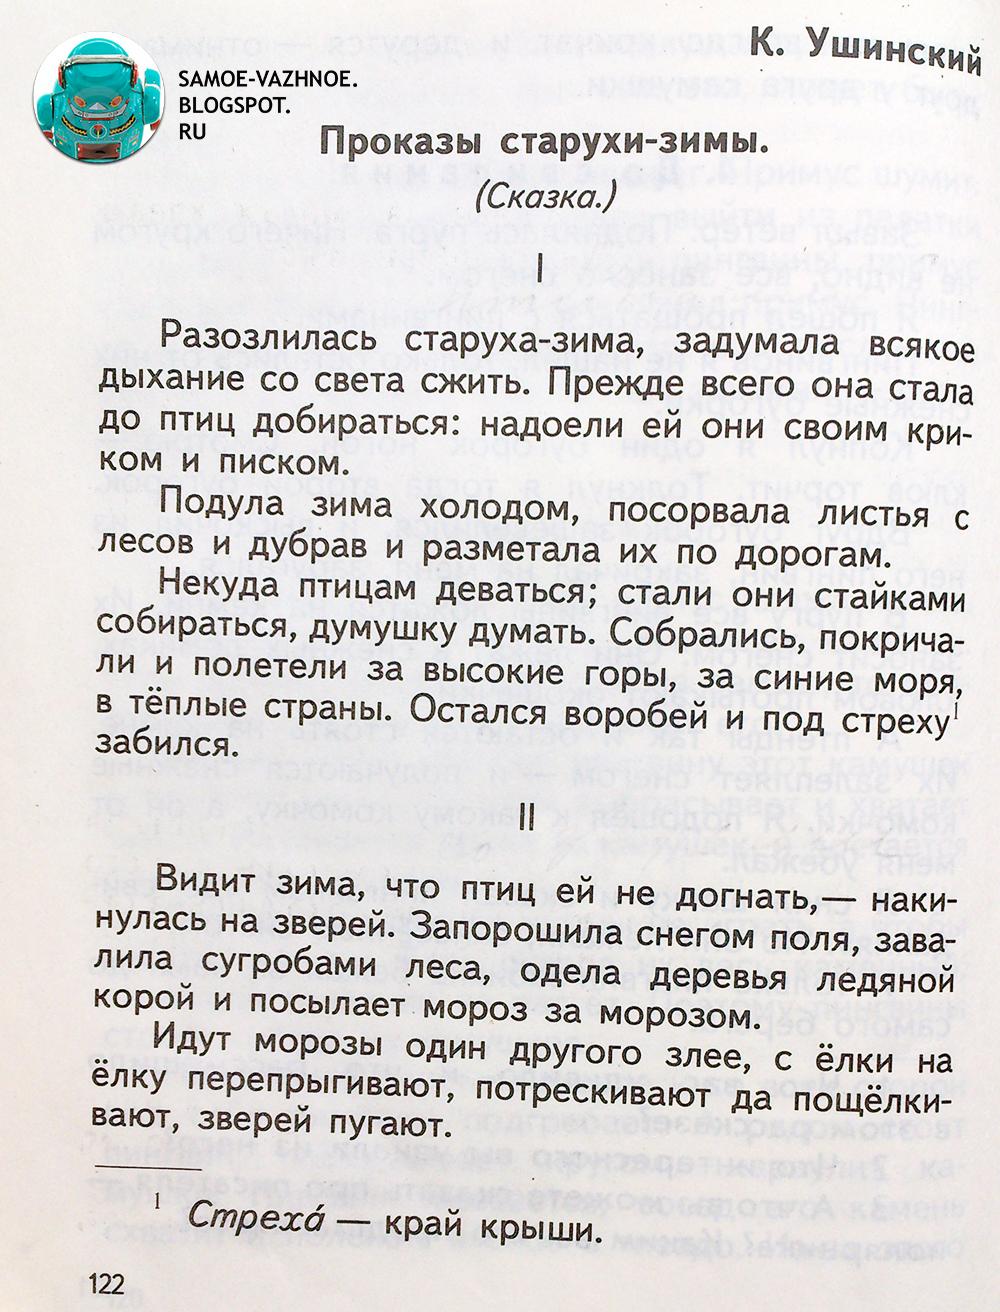 Ушинский Проказы Старухи-зимы читать онлайн